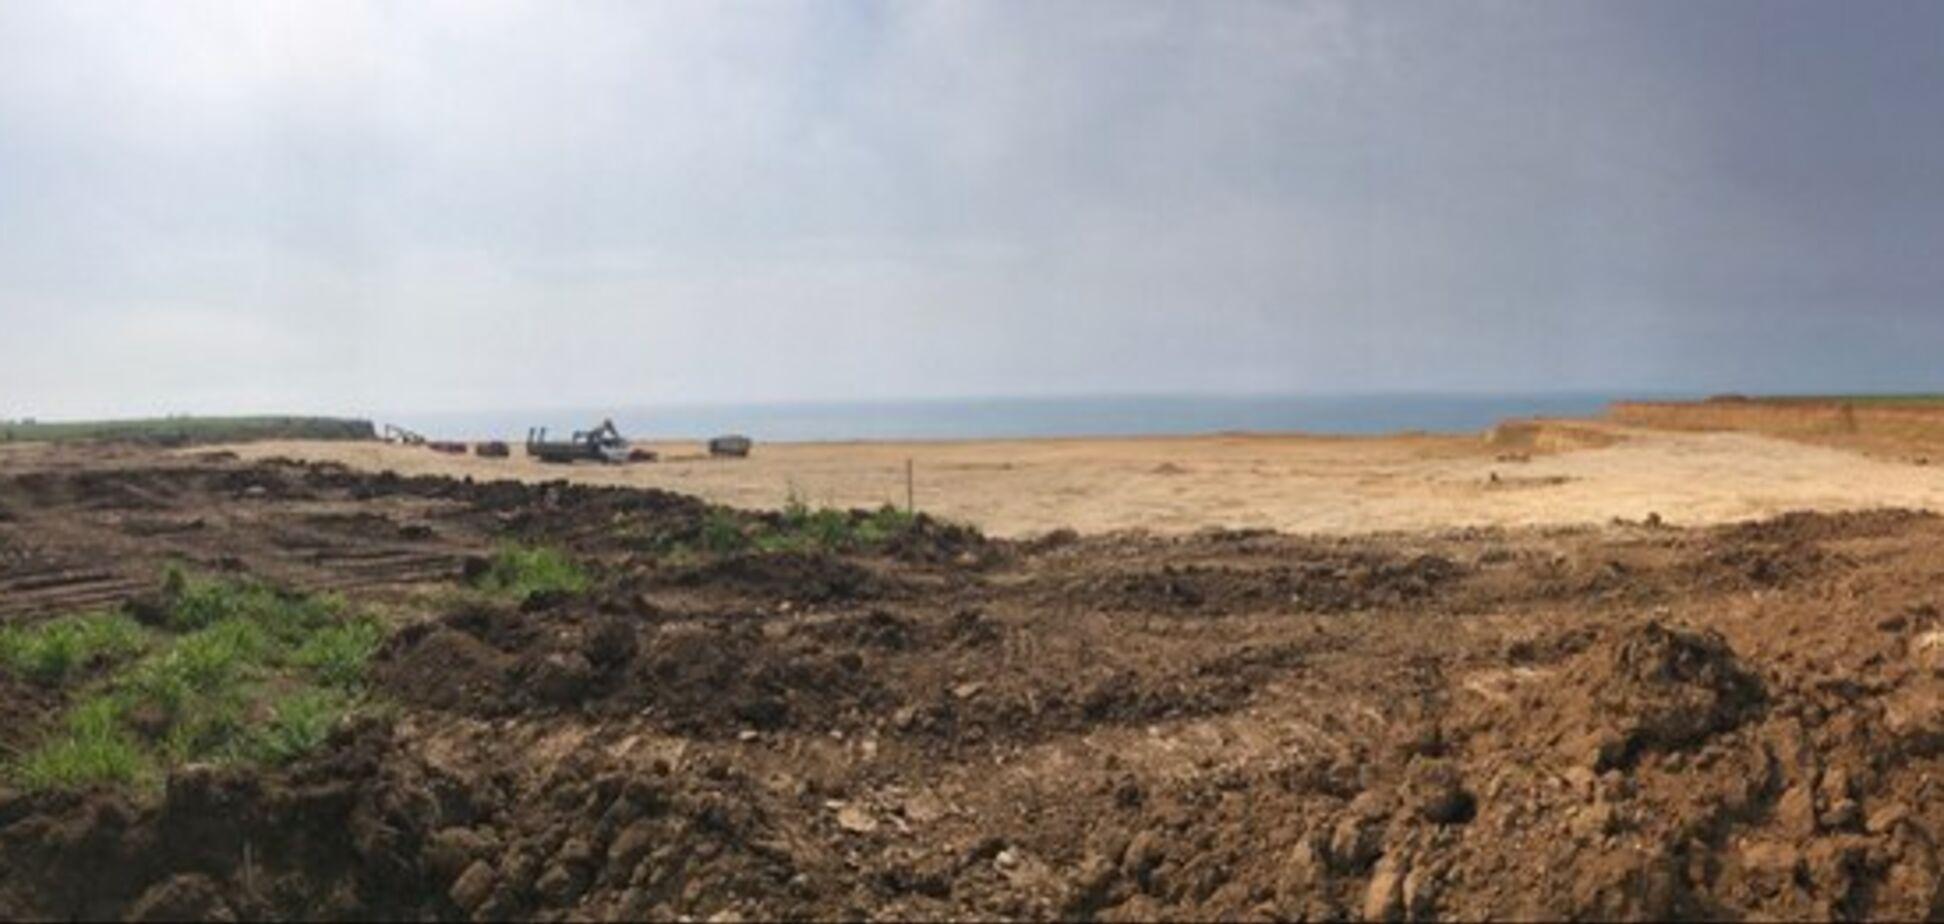 Вбили: на фото показали, на що окупанти перетворили відомий кримський пляж